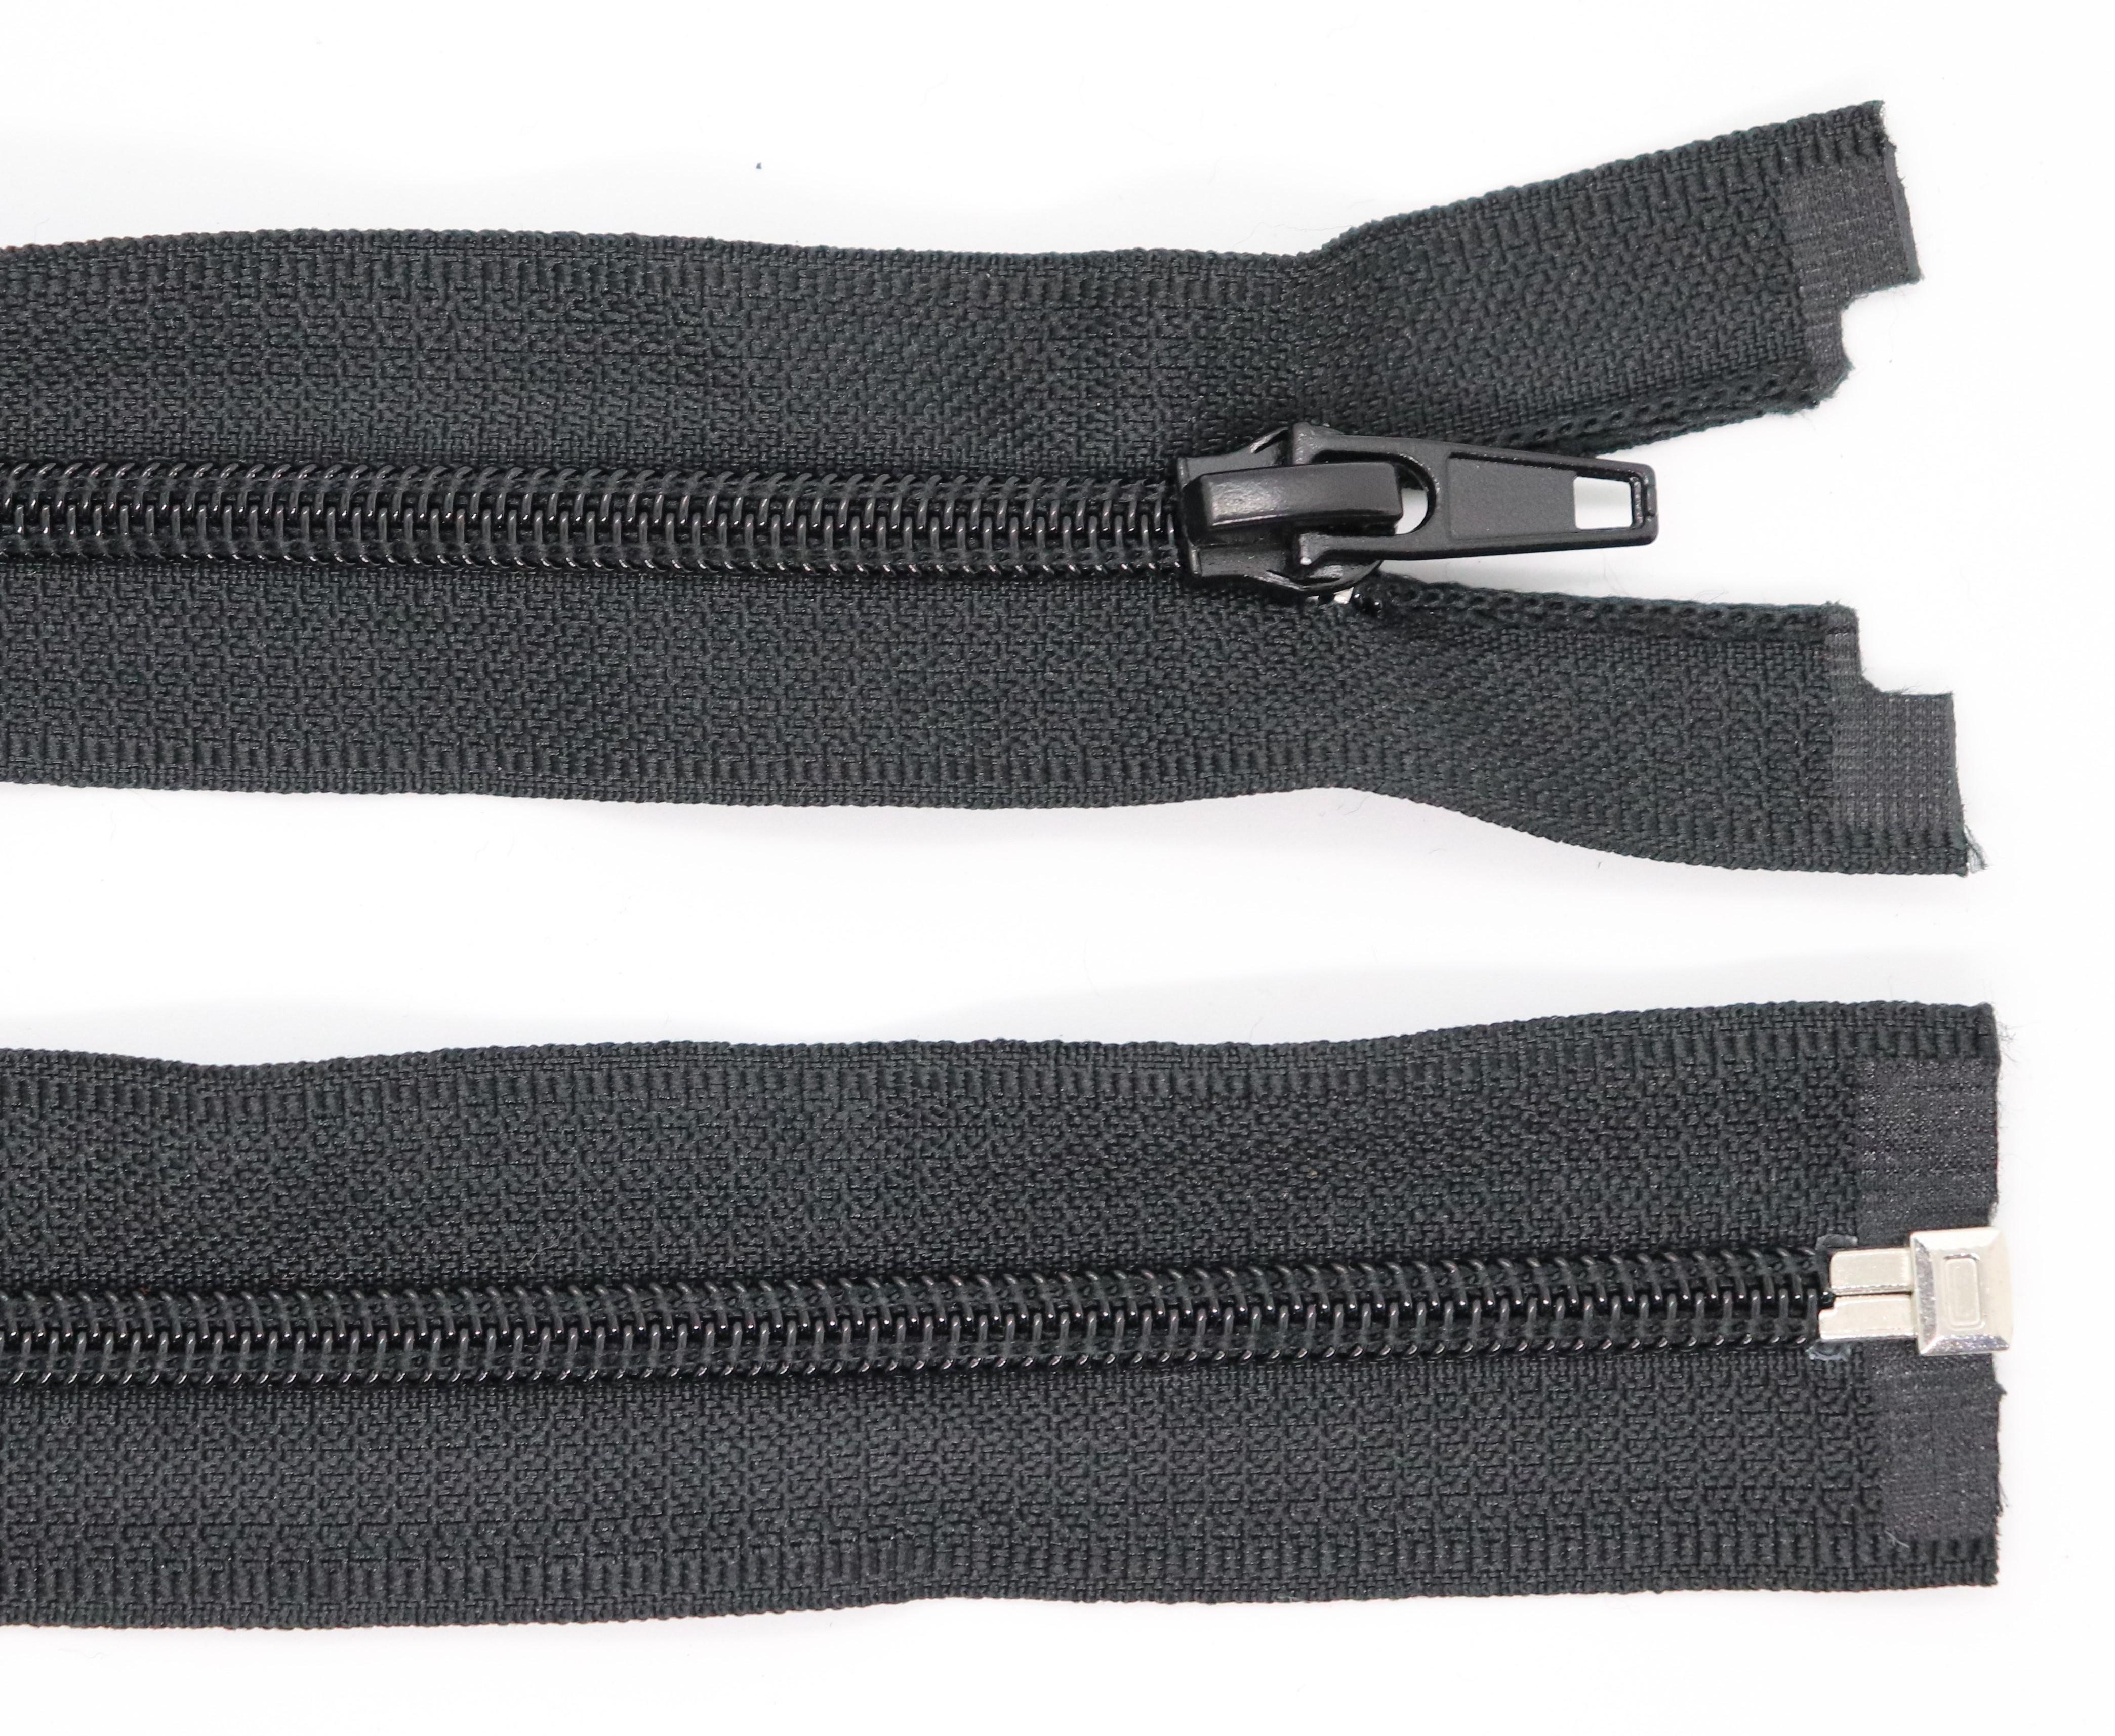 Spirálový zip šíøe 5 mm délka 60 cm dìlitelný - zvìtšit obrázek